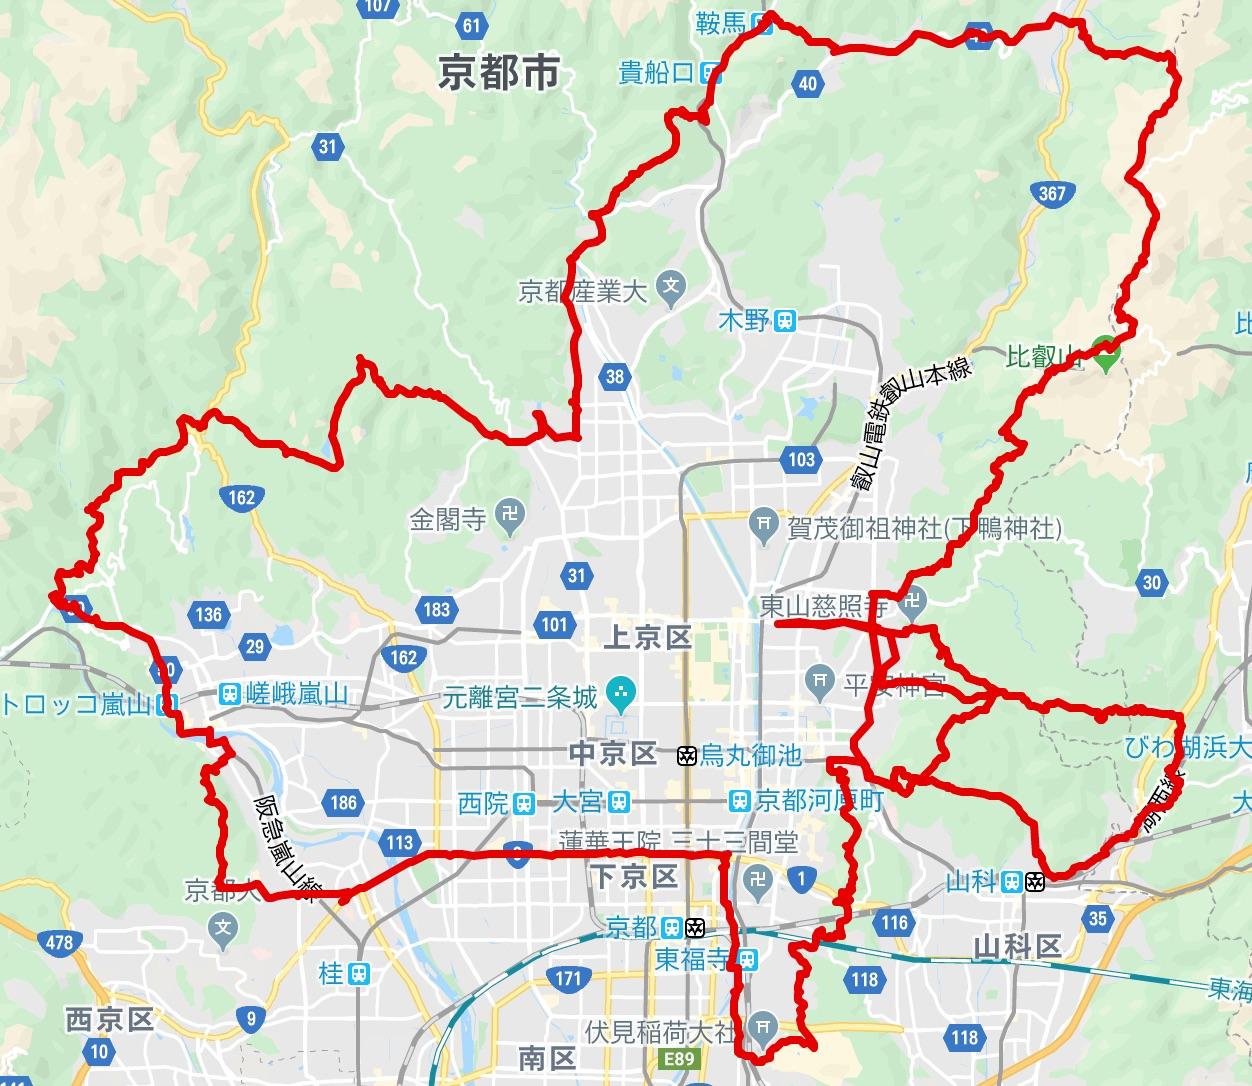 京都ラウンドトレイル地図